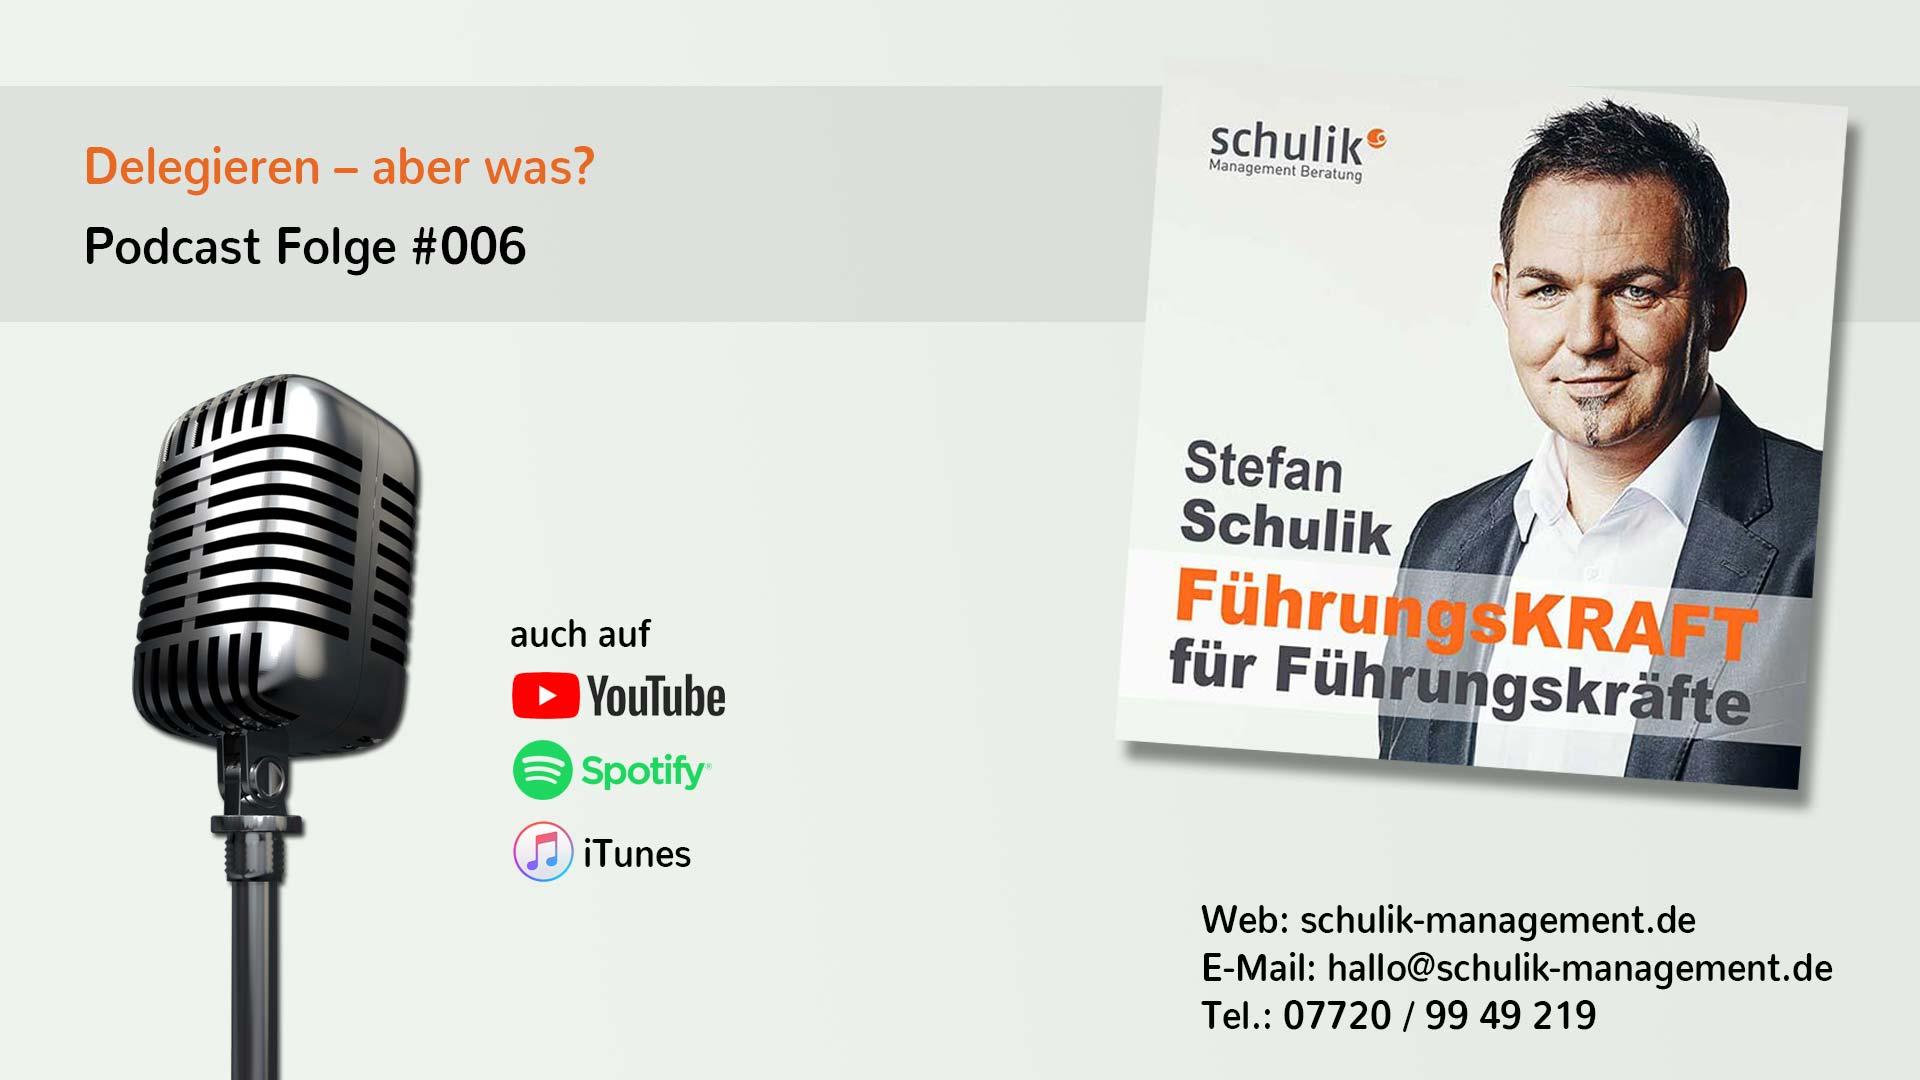 Delegieren Aber Was – Podcast Folge #006